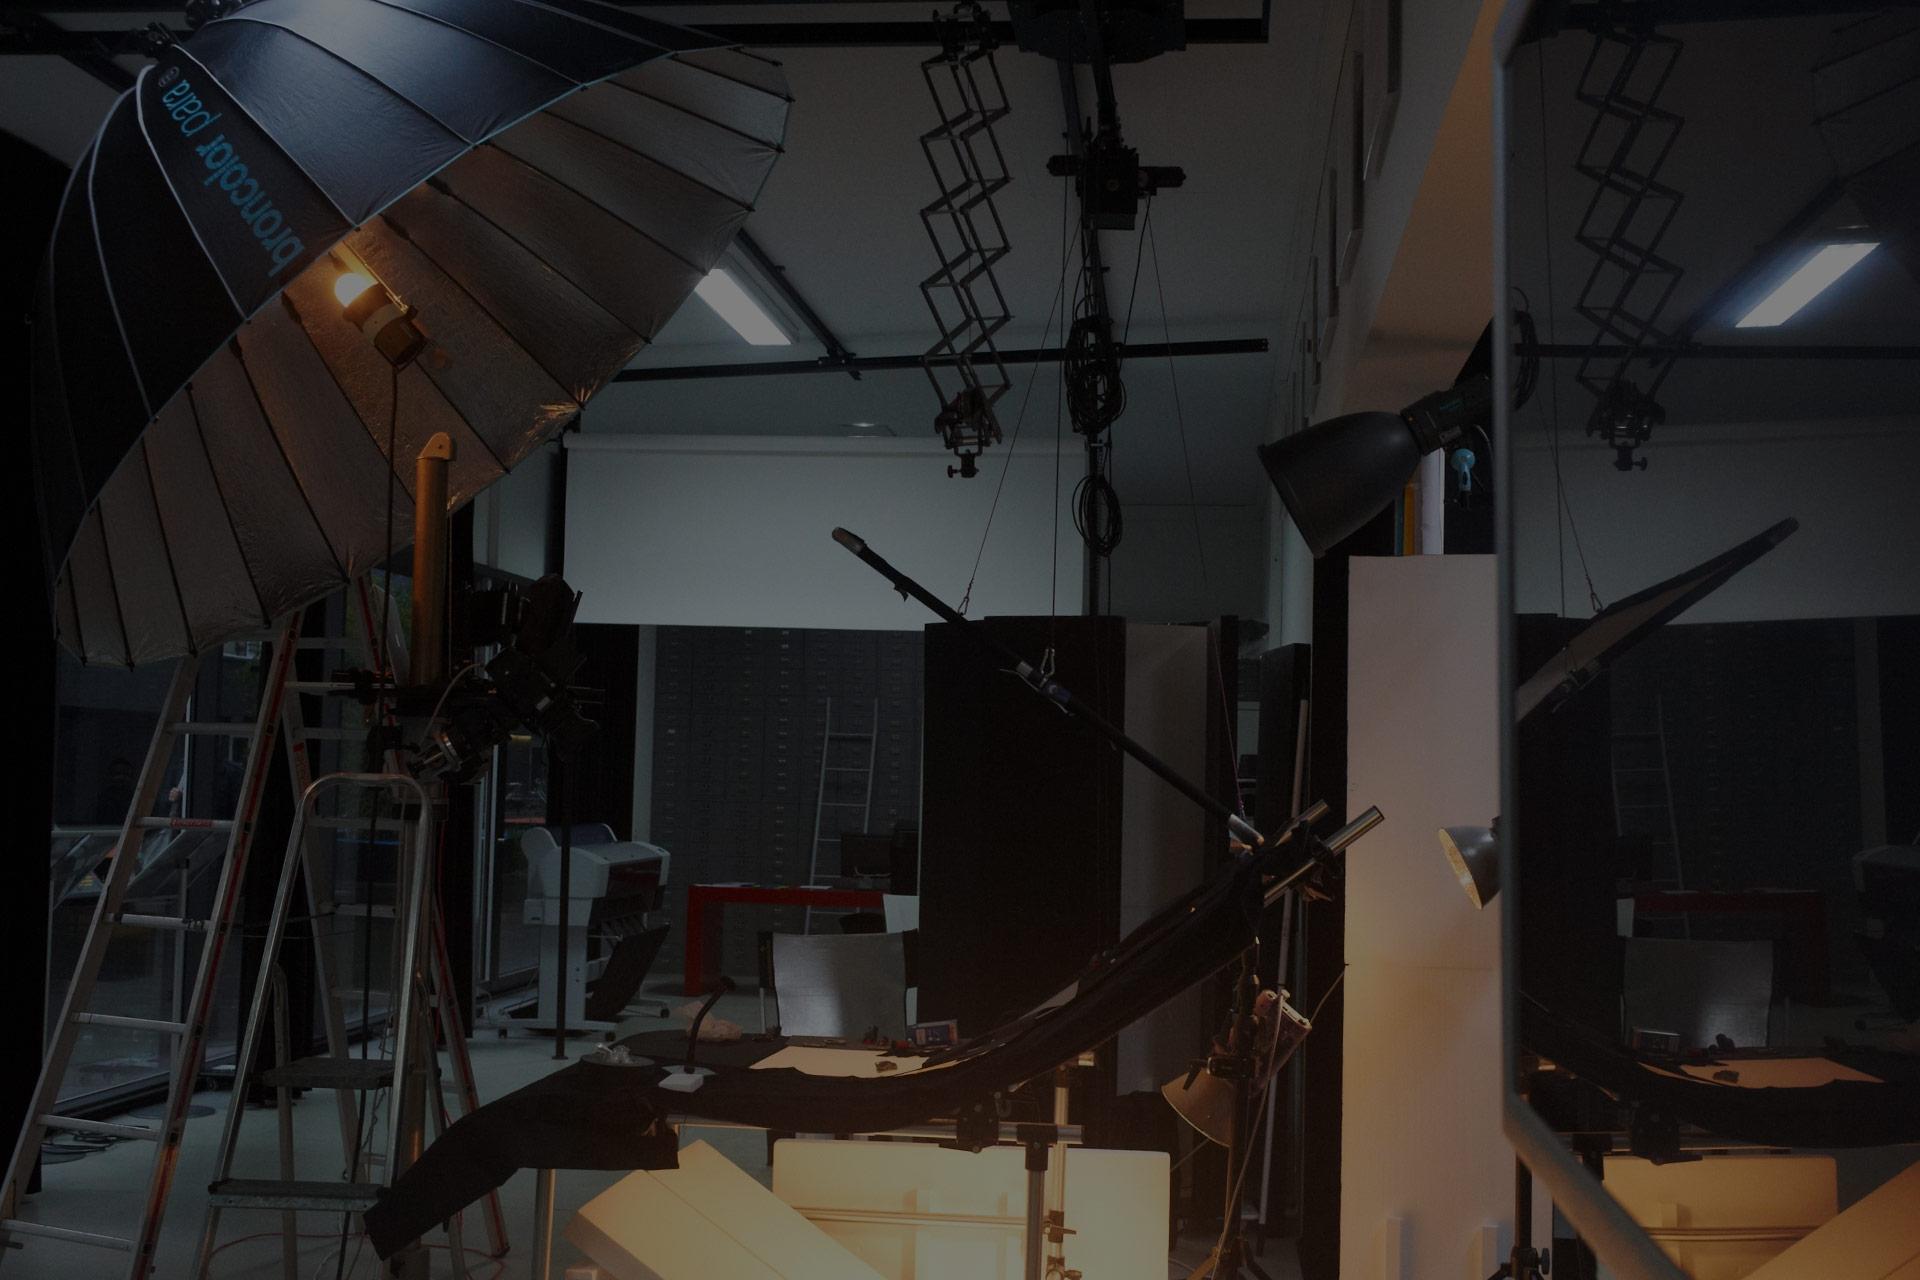 Das gemsamte Lichtset für die Produktion mit den unten aufgelisteten, benötigten Mietgegenständen